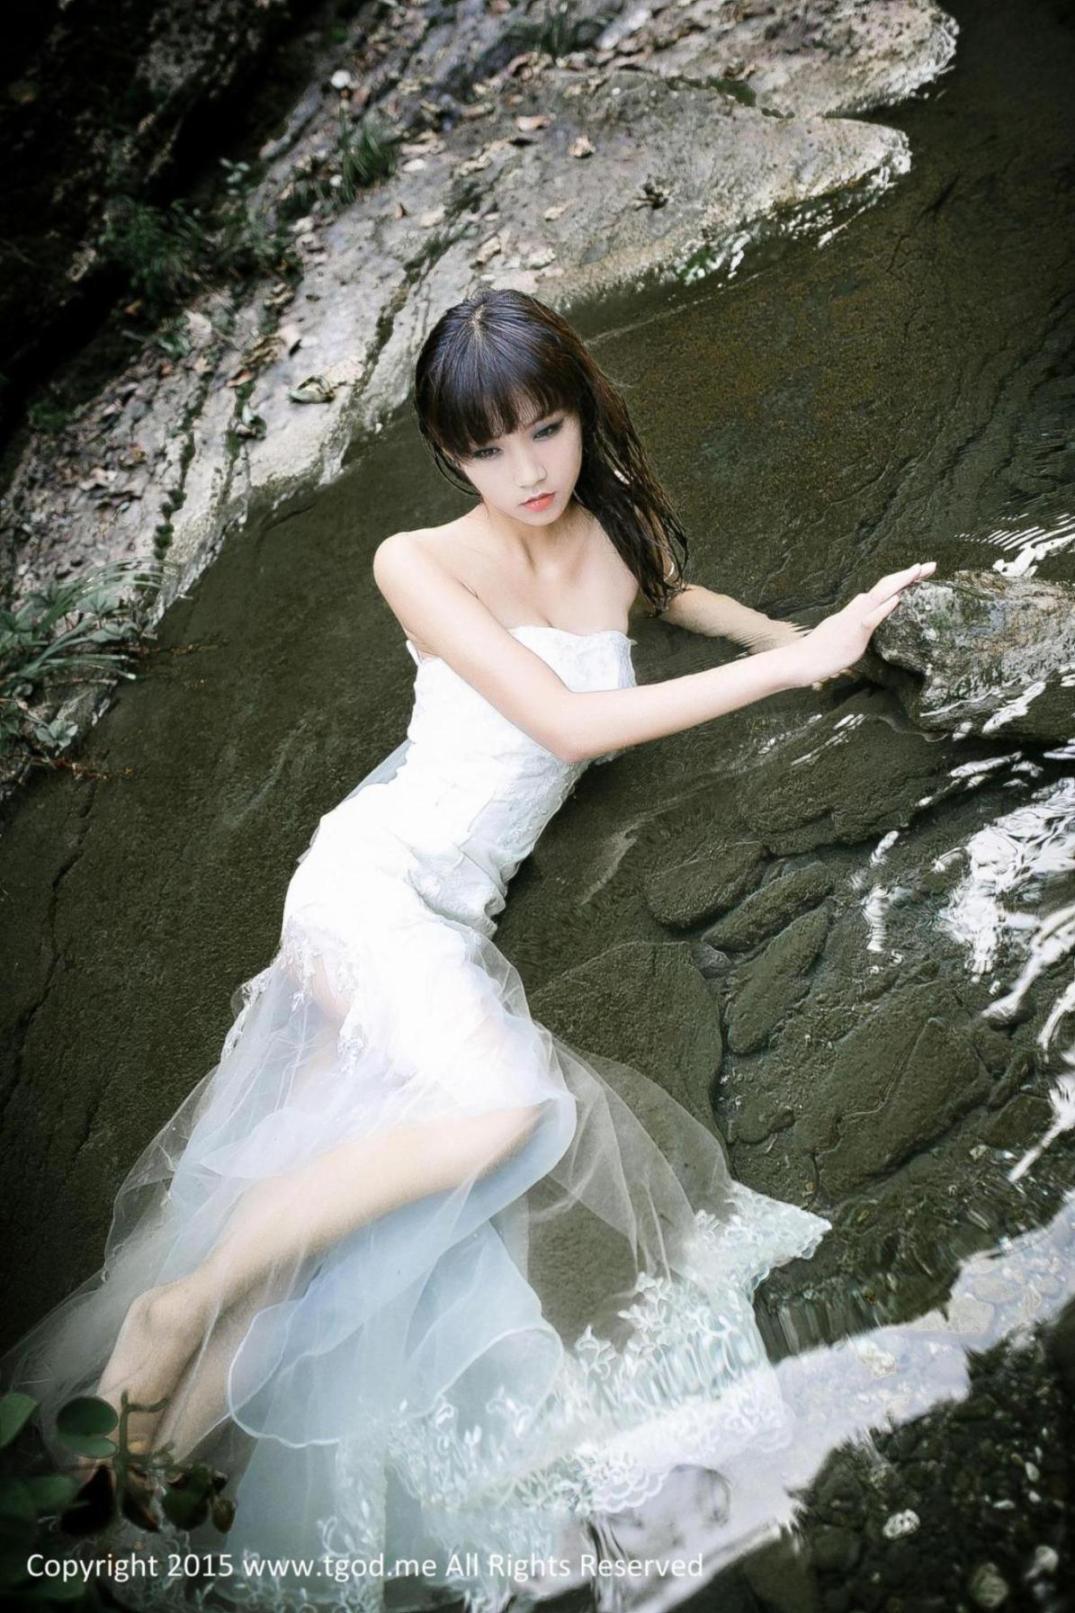 [推女神] 徐畅 幽谷中的美人鱼 高清写真套图